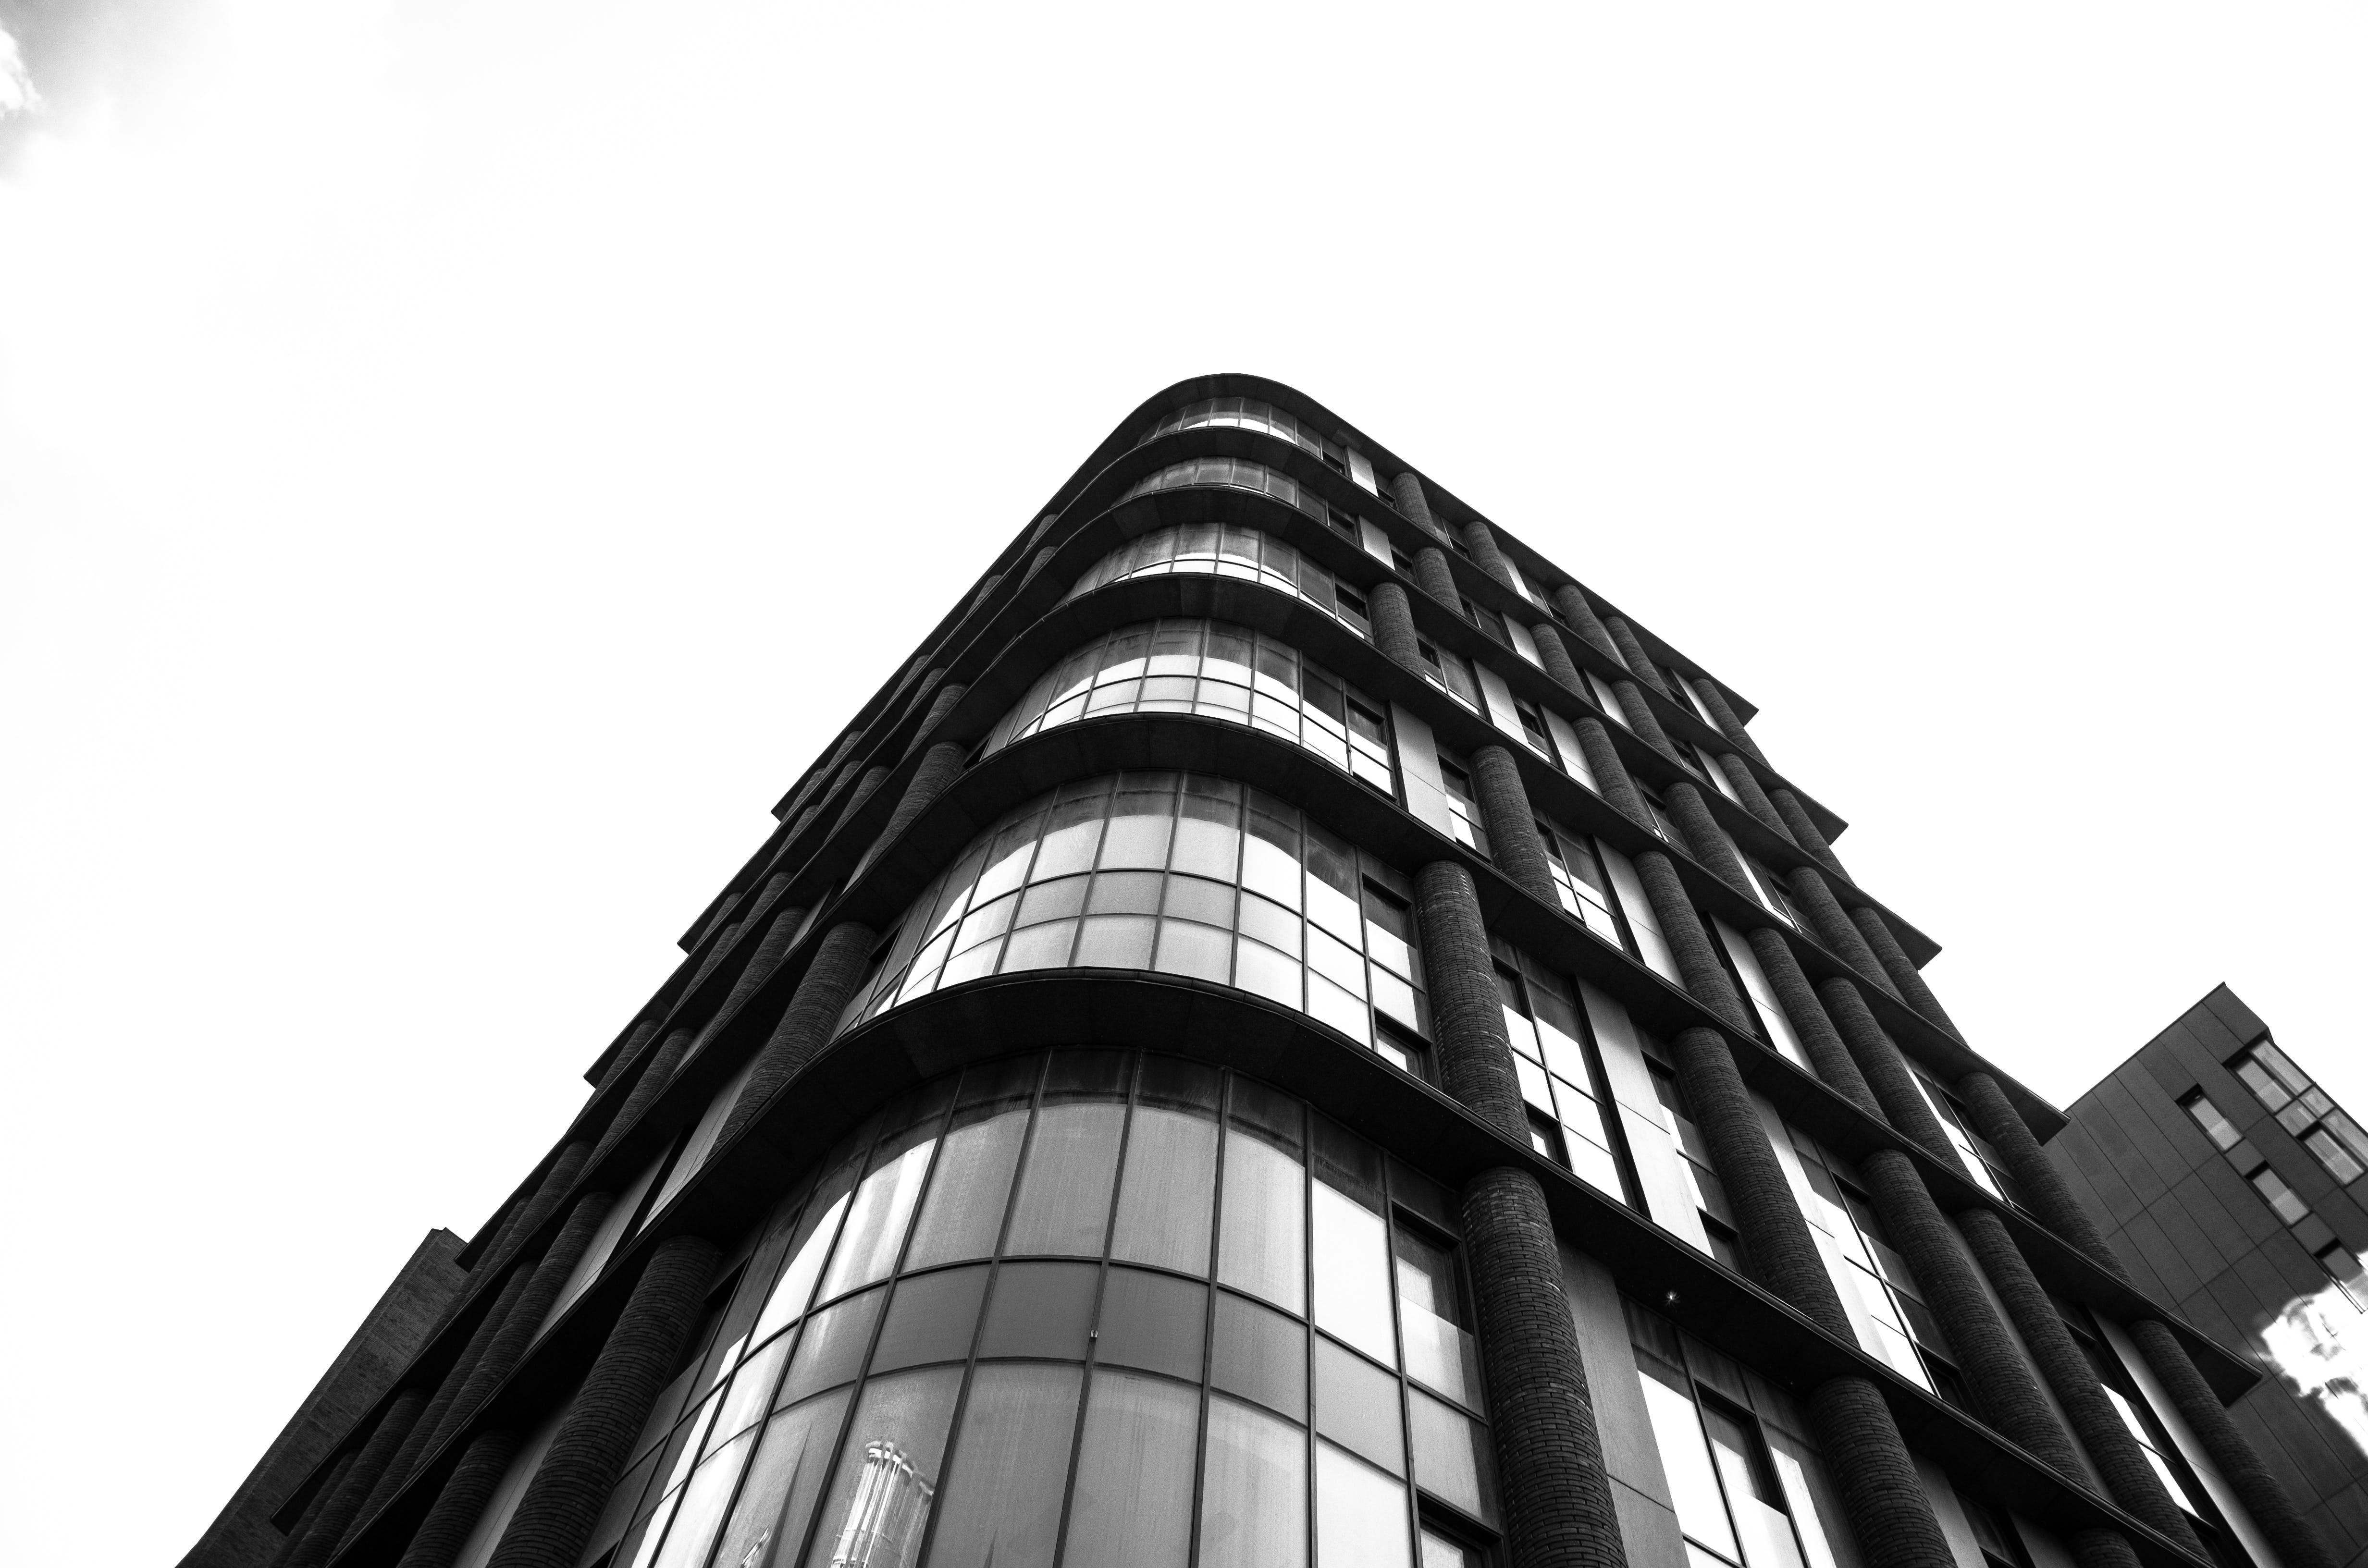 Gratis stockfoto met architectueel design, architectuur, buitenkant, eenkleurig